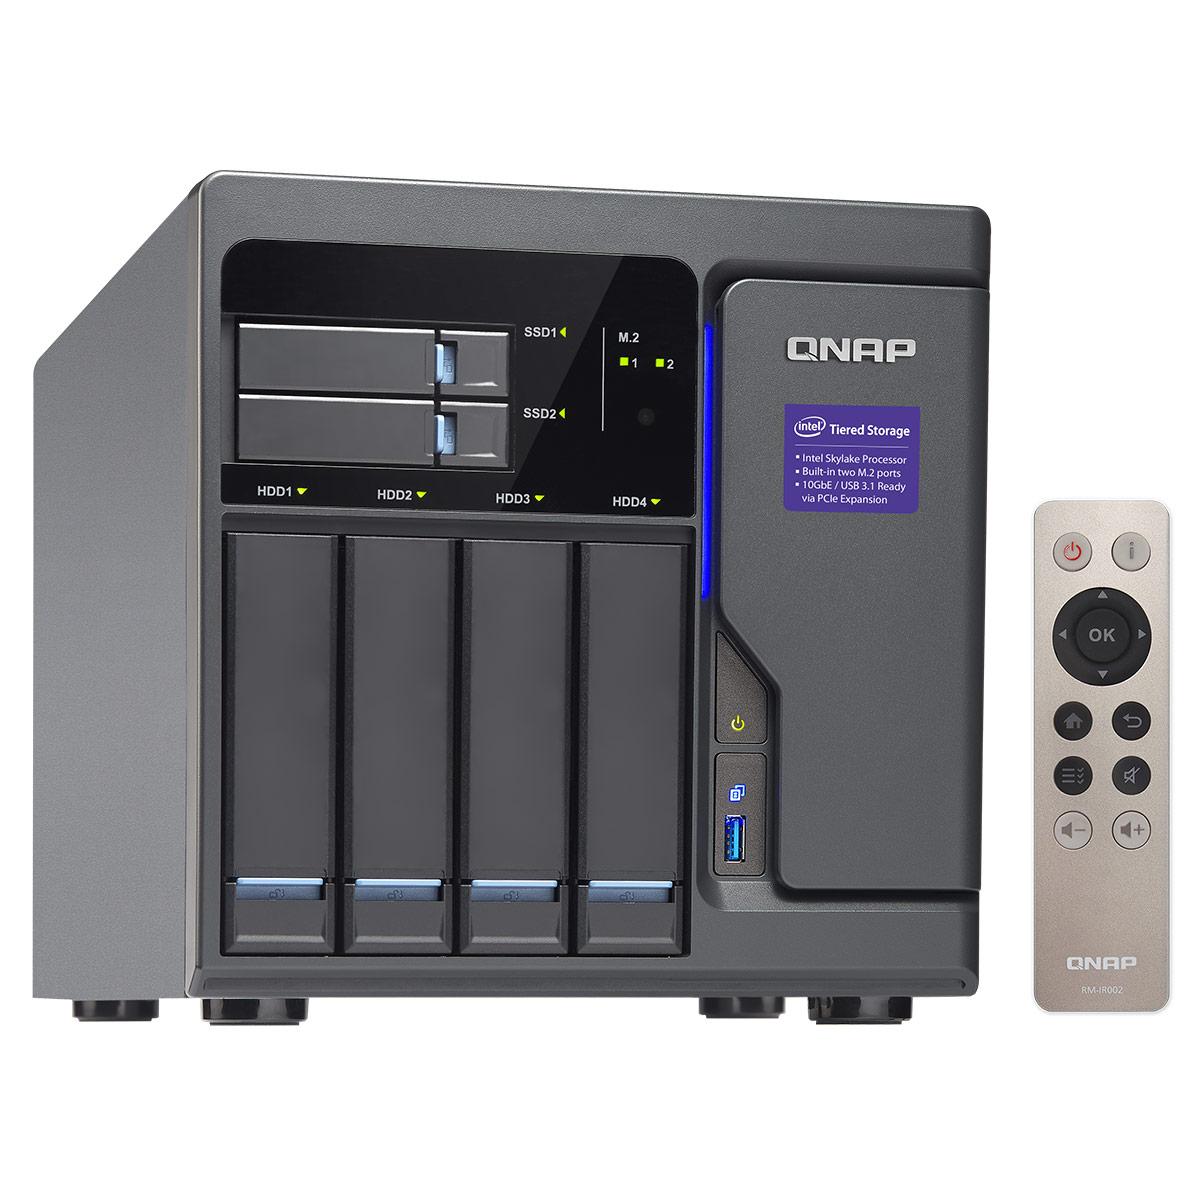 """Serveur NAS QNAP TVS-682-i3-8G Serveur NAS 4 baies 3.5""""/2.5"""" + 2 baies 2.5"""" avec processeur Dual-Core Intel Core i3-6100 3.7 GHz - RAM 8 Go (sans disque dur)"""